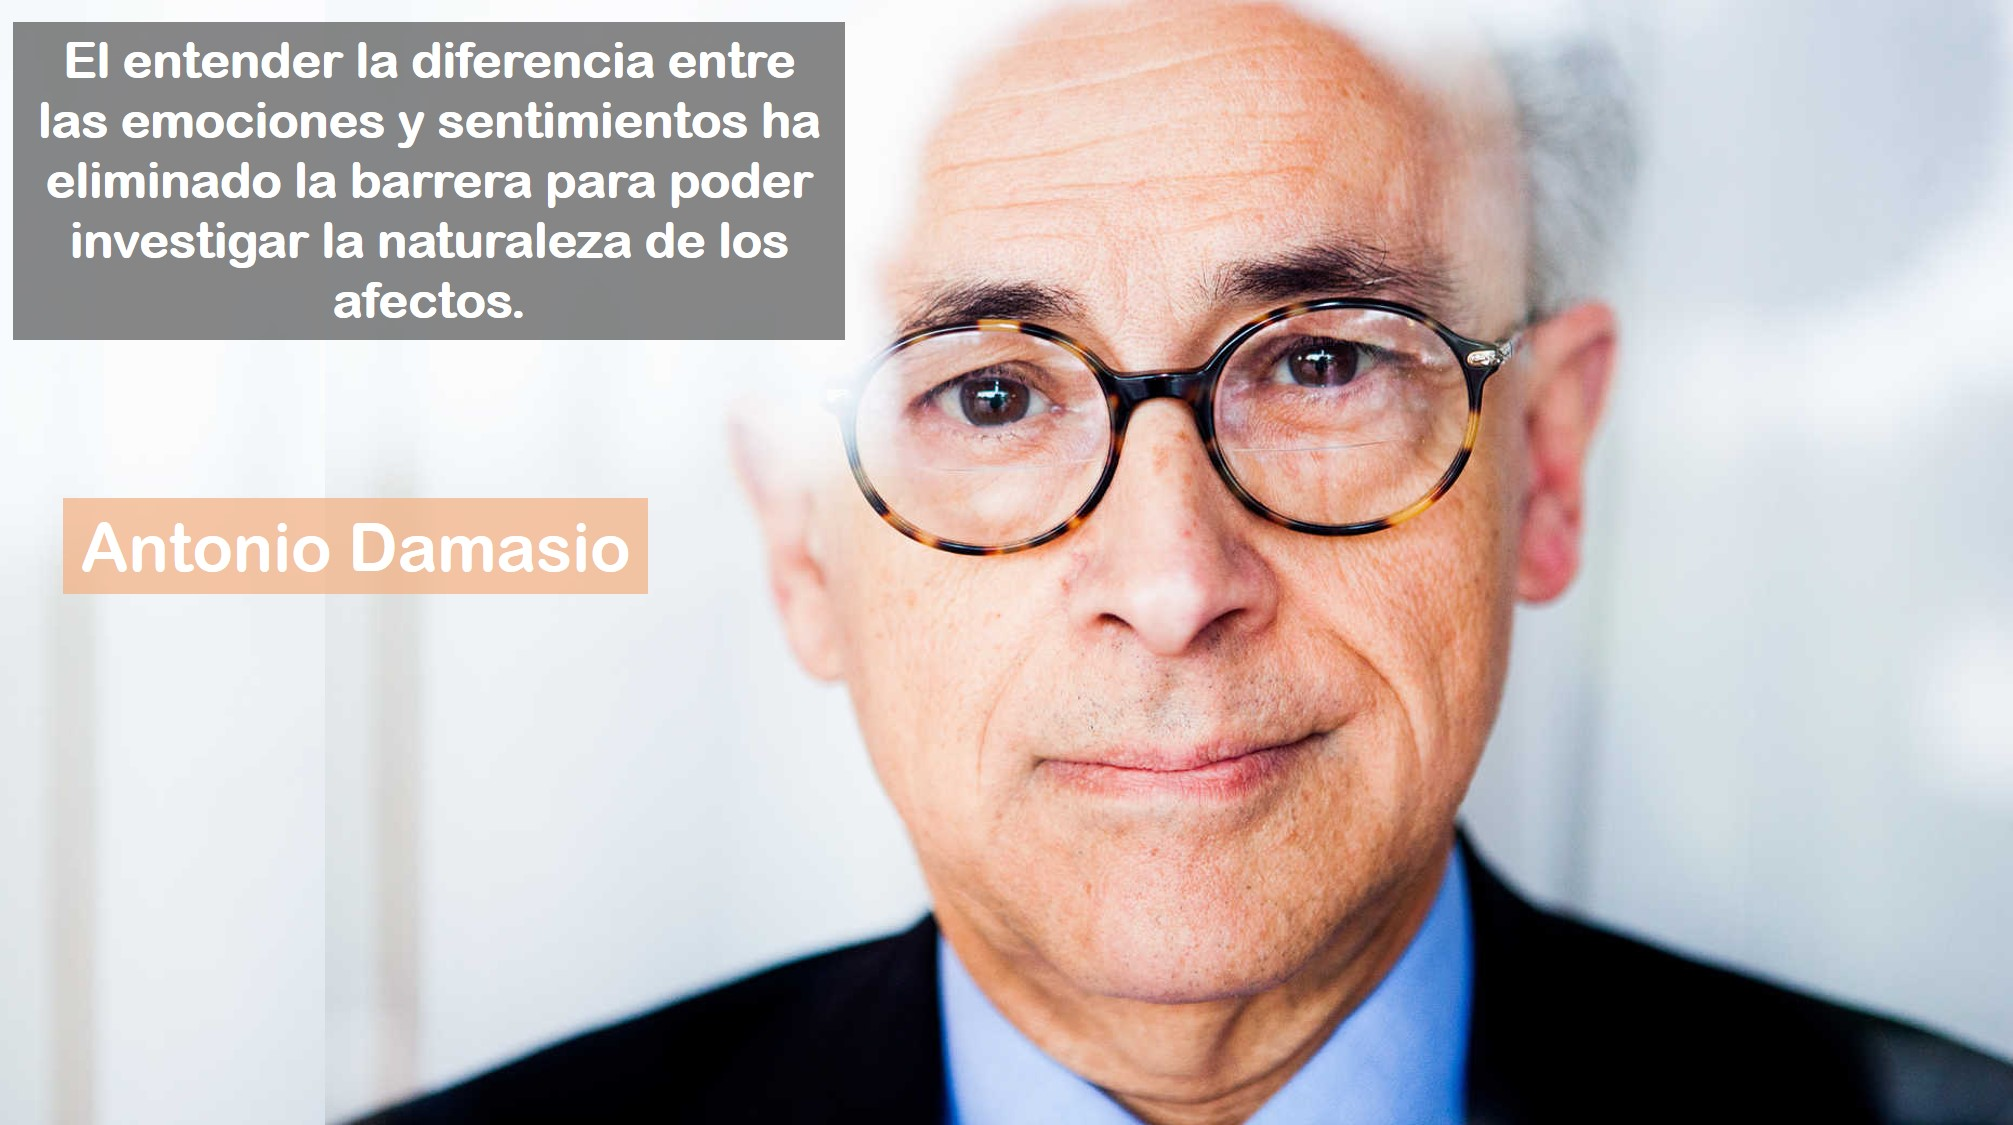 Antonio Damasio frase